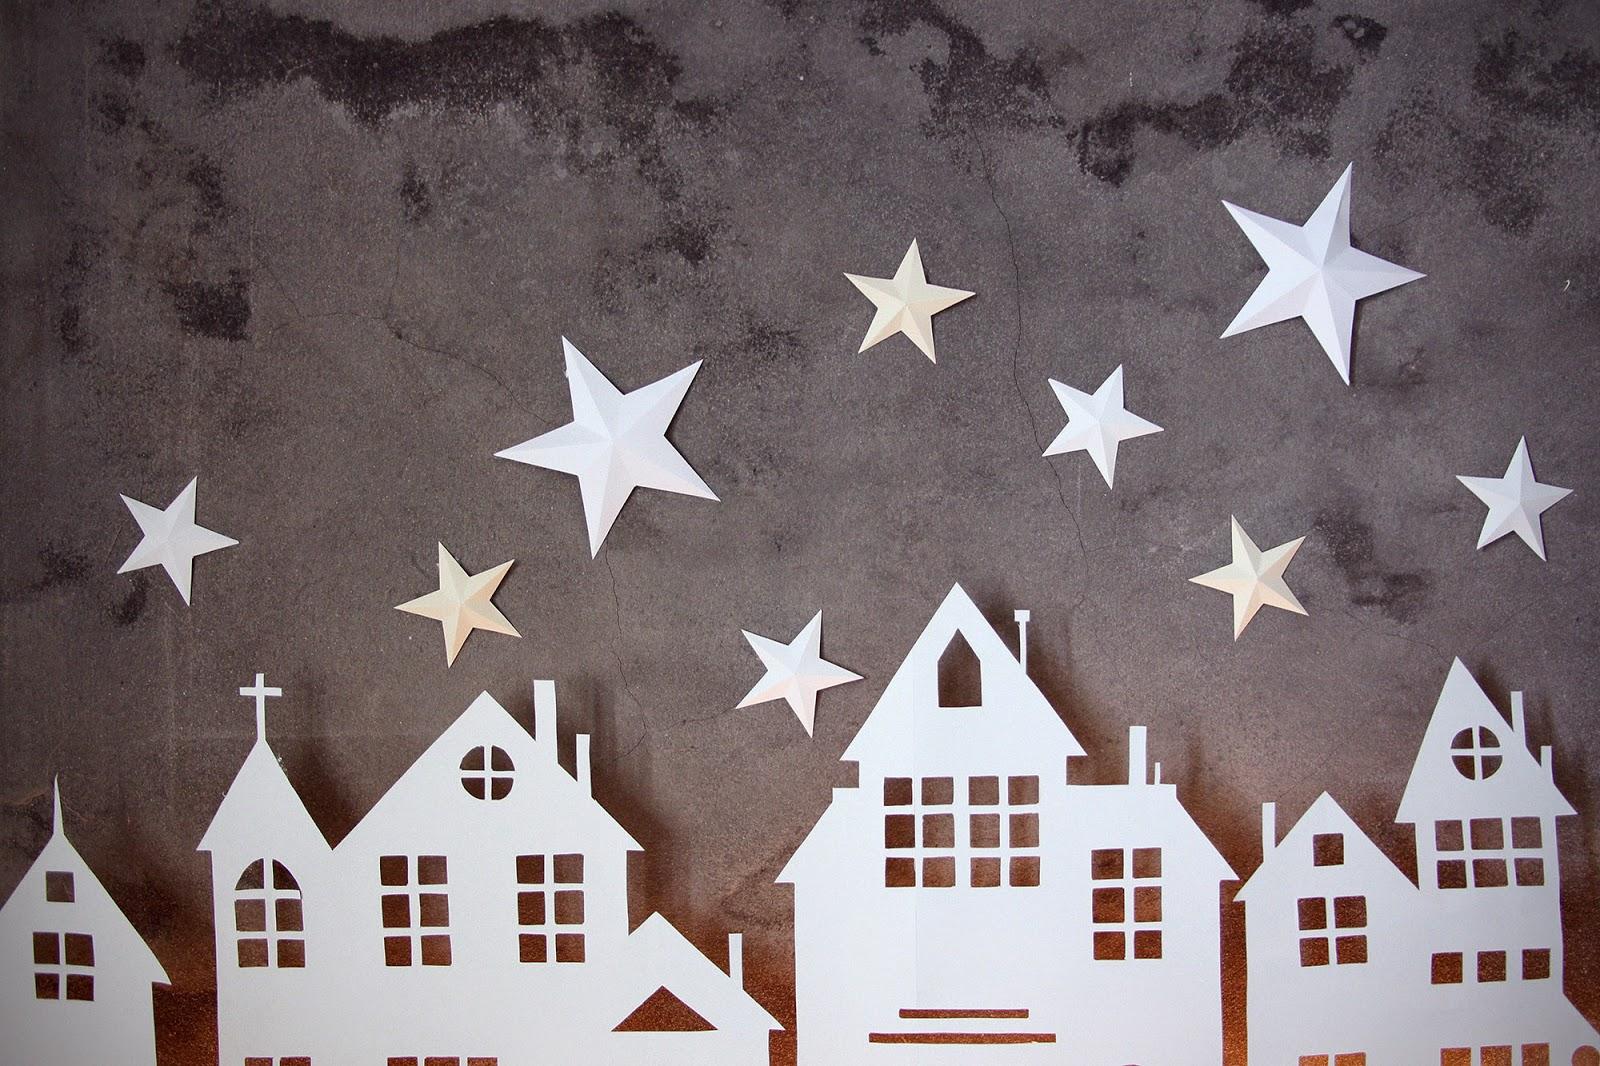 #786653 DIY :: VILLAGE LUMINEUX DE NOËL 6119 decoration de noel village animé 1600x1066 px @ aertt.com